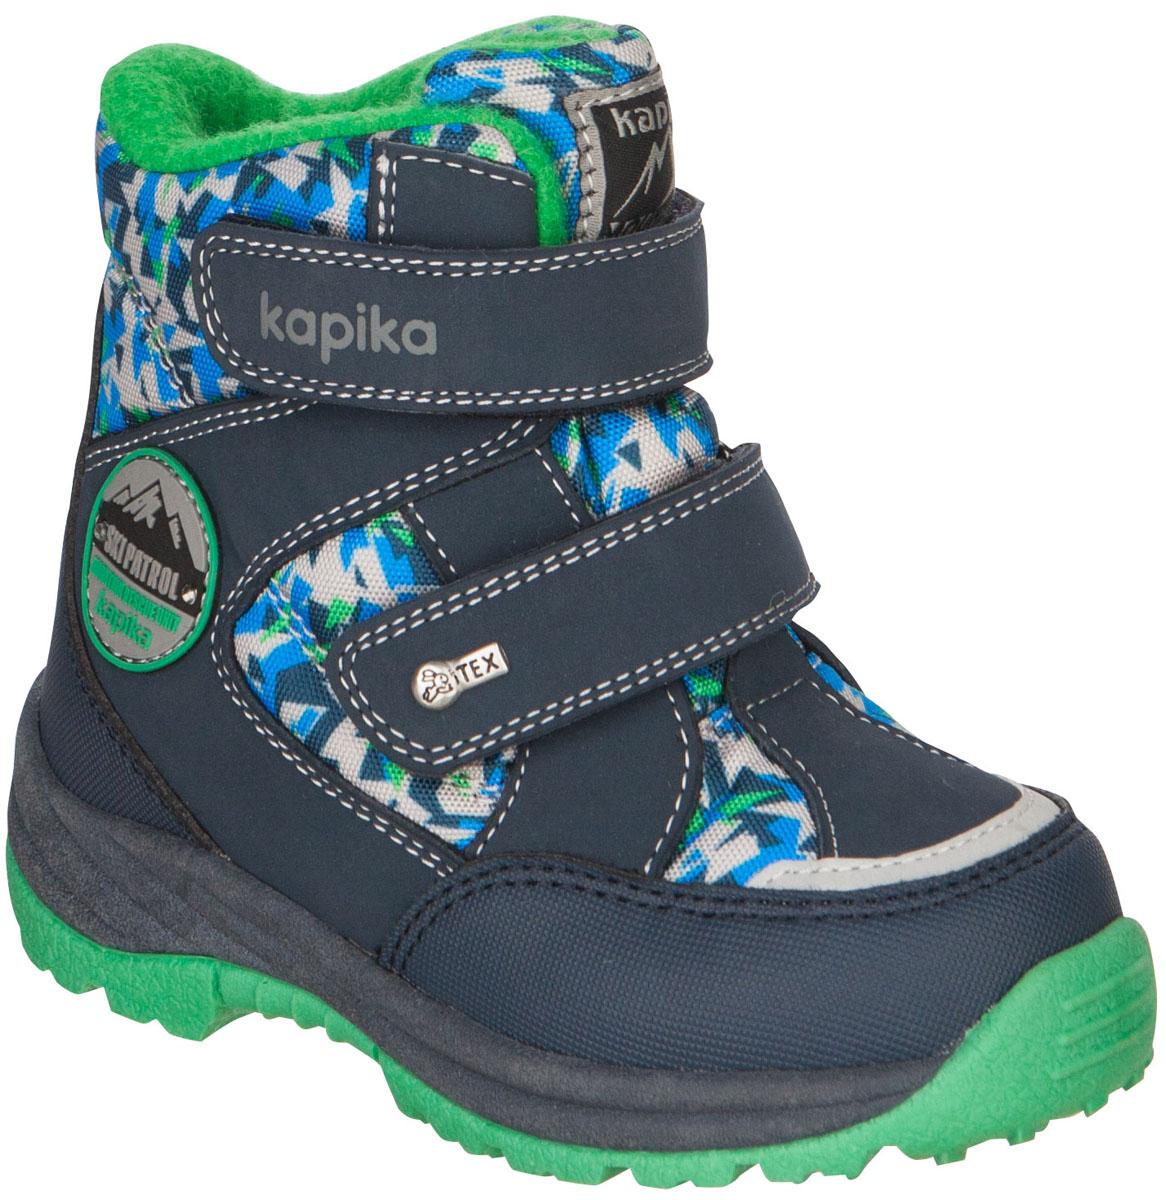 Ботинки для мальчика Kapika, цвет: темно-синий, зеленый. 41150-4. Размер 2541150-4Ботинки от Kapika придутся по душе вашему мальчику. Модель идеально подходит для зимы, сохраняет комфортный микроклимат в обуви как приношении на улице, так и в помещении. Верх обуви изготовлен из искусственной кожи со вставками из водонепроницаемого текстиля,оформленного абстрактным принтом. Два ремешка на застежке-липучке надежно зафиксируют изделие на ноге. Боковая сторона, язычок иверхний ремешок декорированы логотипом бренда.Подкладка и стелька изготовлены из натуральной шерсти, что позволяет сохранить тепло и гарантирует уют ногам. Подошва с рифлениемобеспечивает идеальное сцепление с любыми поверхностями.Такие чудесные ботинки займут достойное место в гардеробе вашего ребенка.